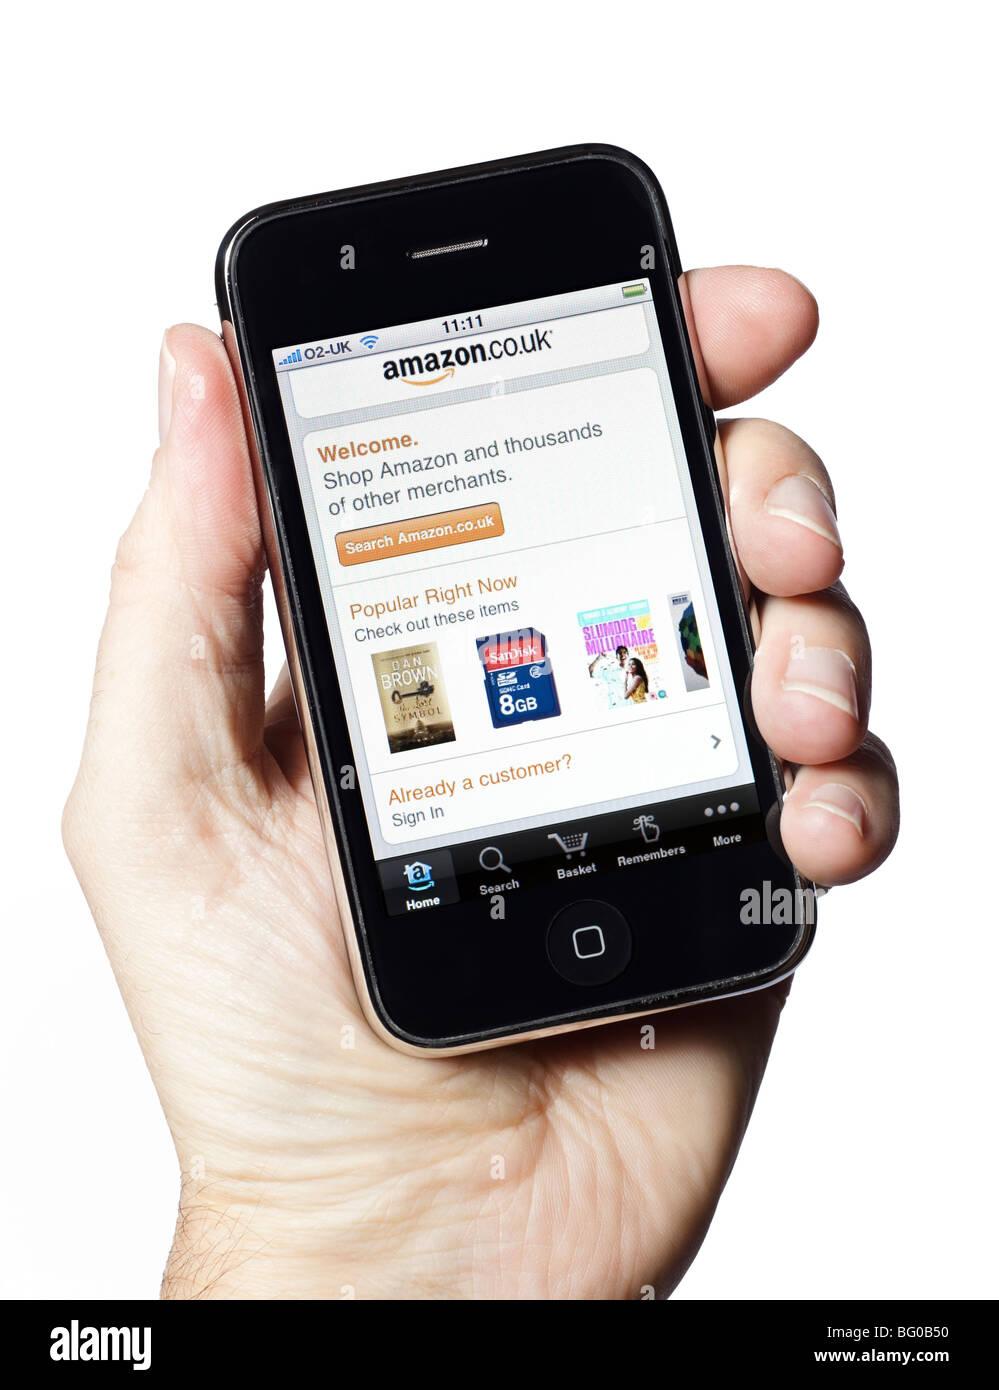 Hombre mano sujetando el iPhone muestra la aplicación Amazon compras online Imagen De Stock